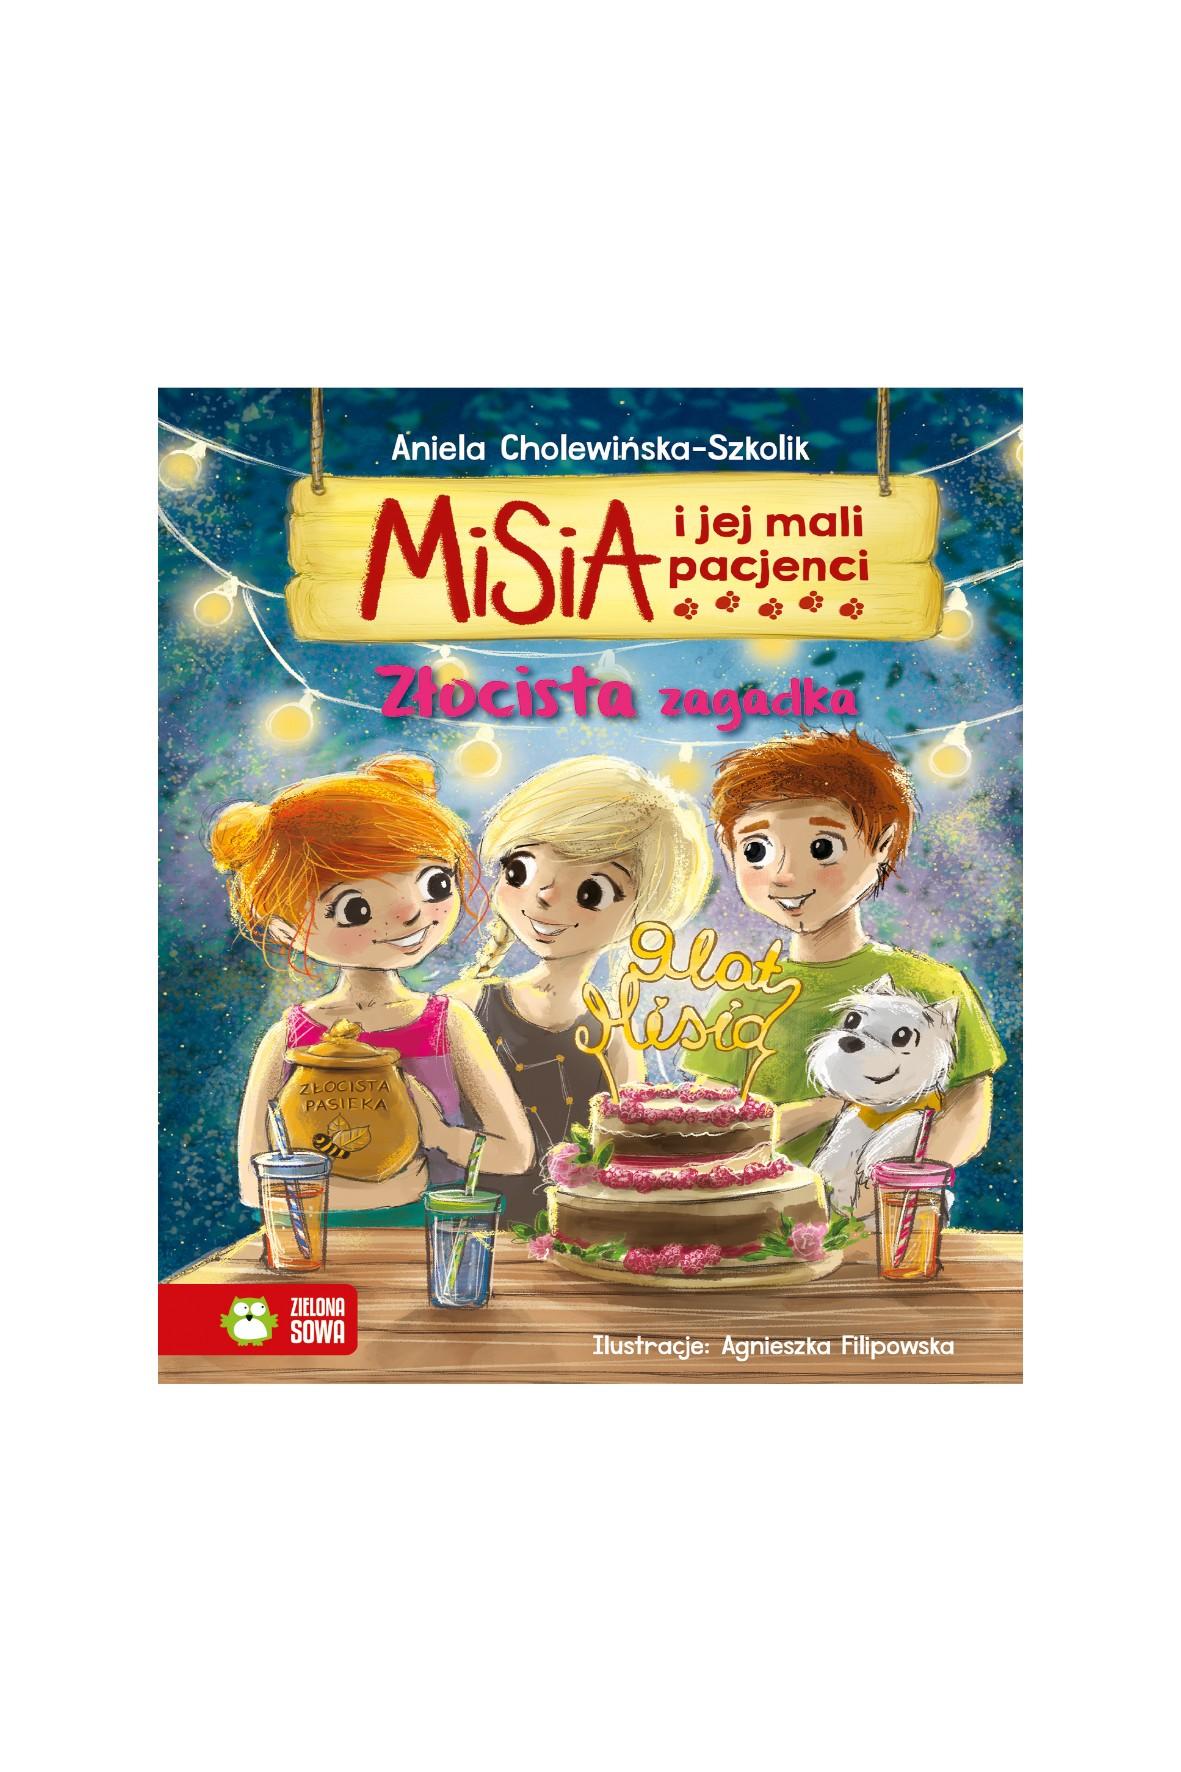 Książka dla dzieci- Złocista zagadka. Misia i jej mali pacjenci wiek 4+